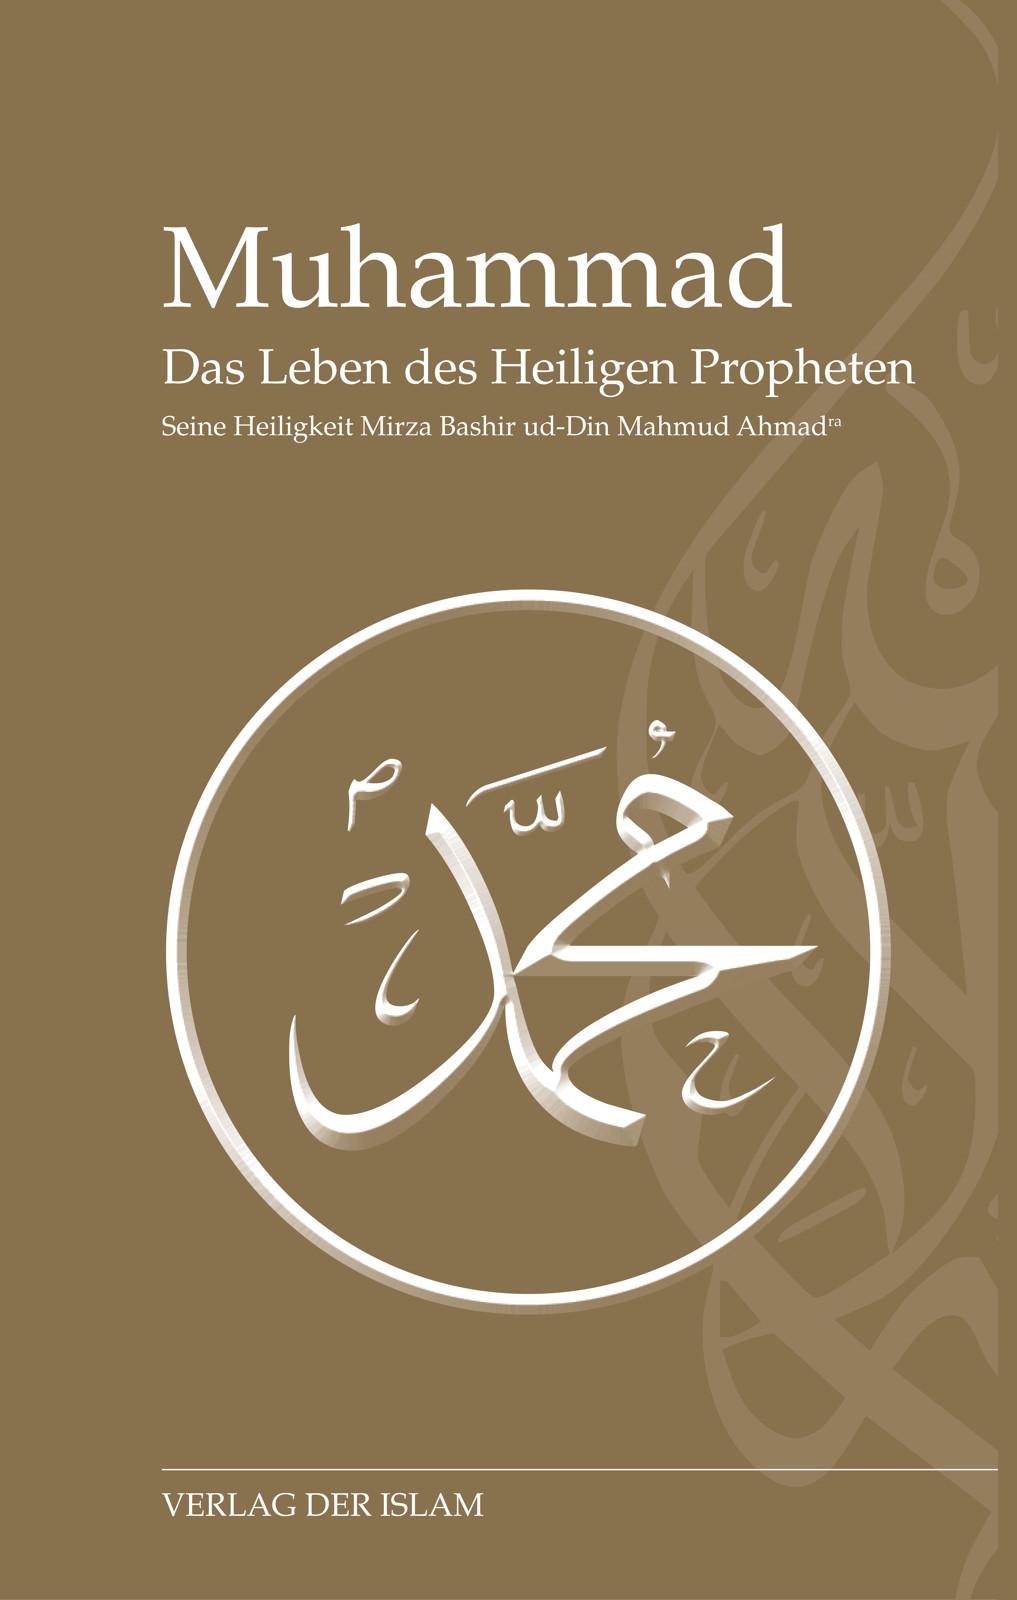 Hadhrat Mirza Baschir ud-Din Mahmud Ahmad Muhammad - Das Leben des Heiligen Propheten все цены